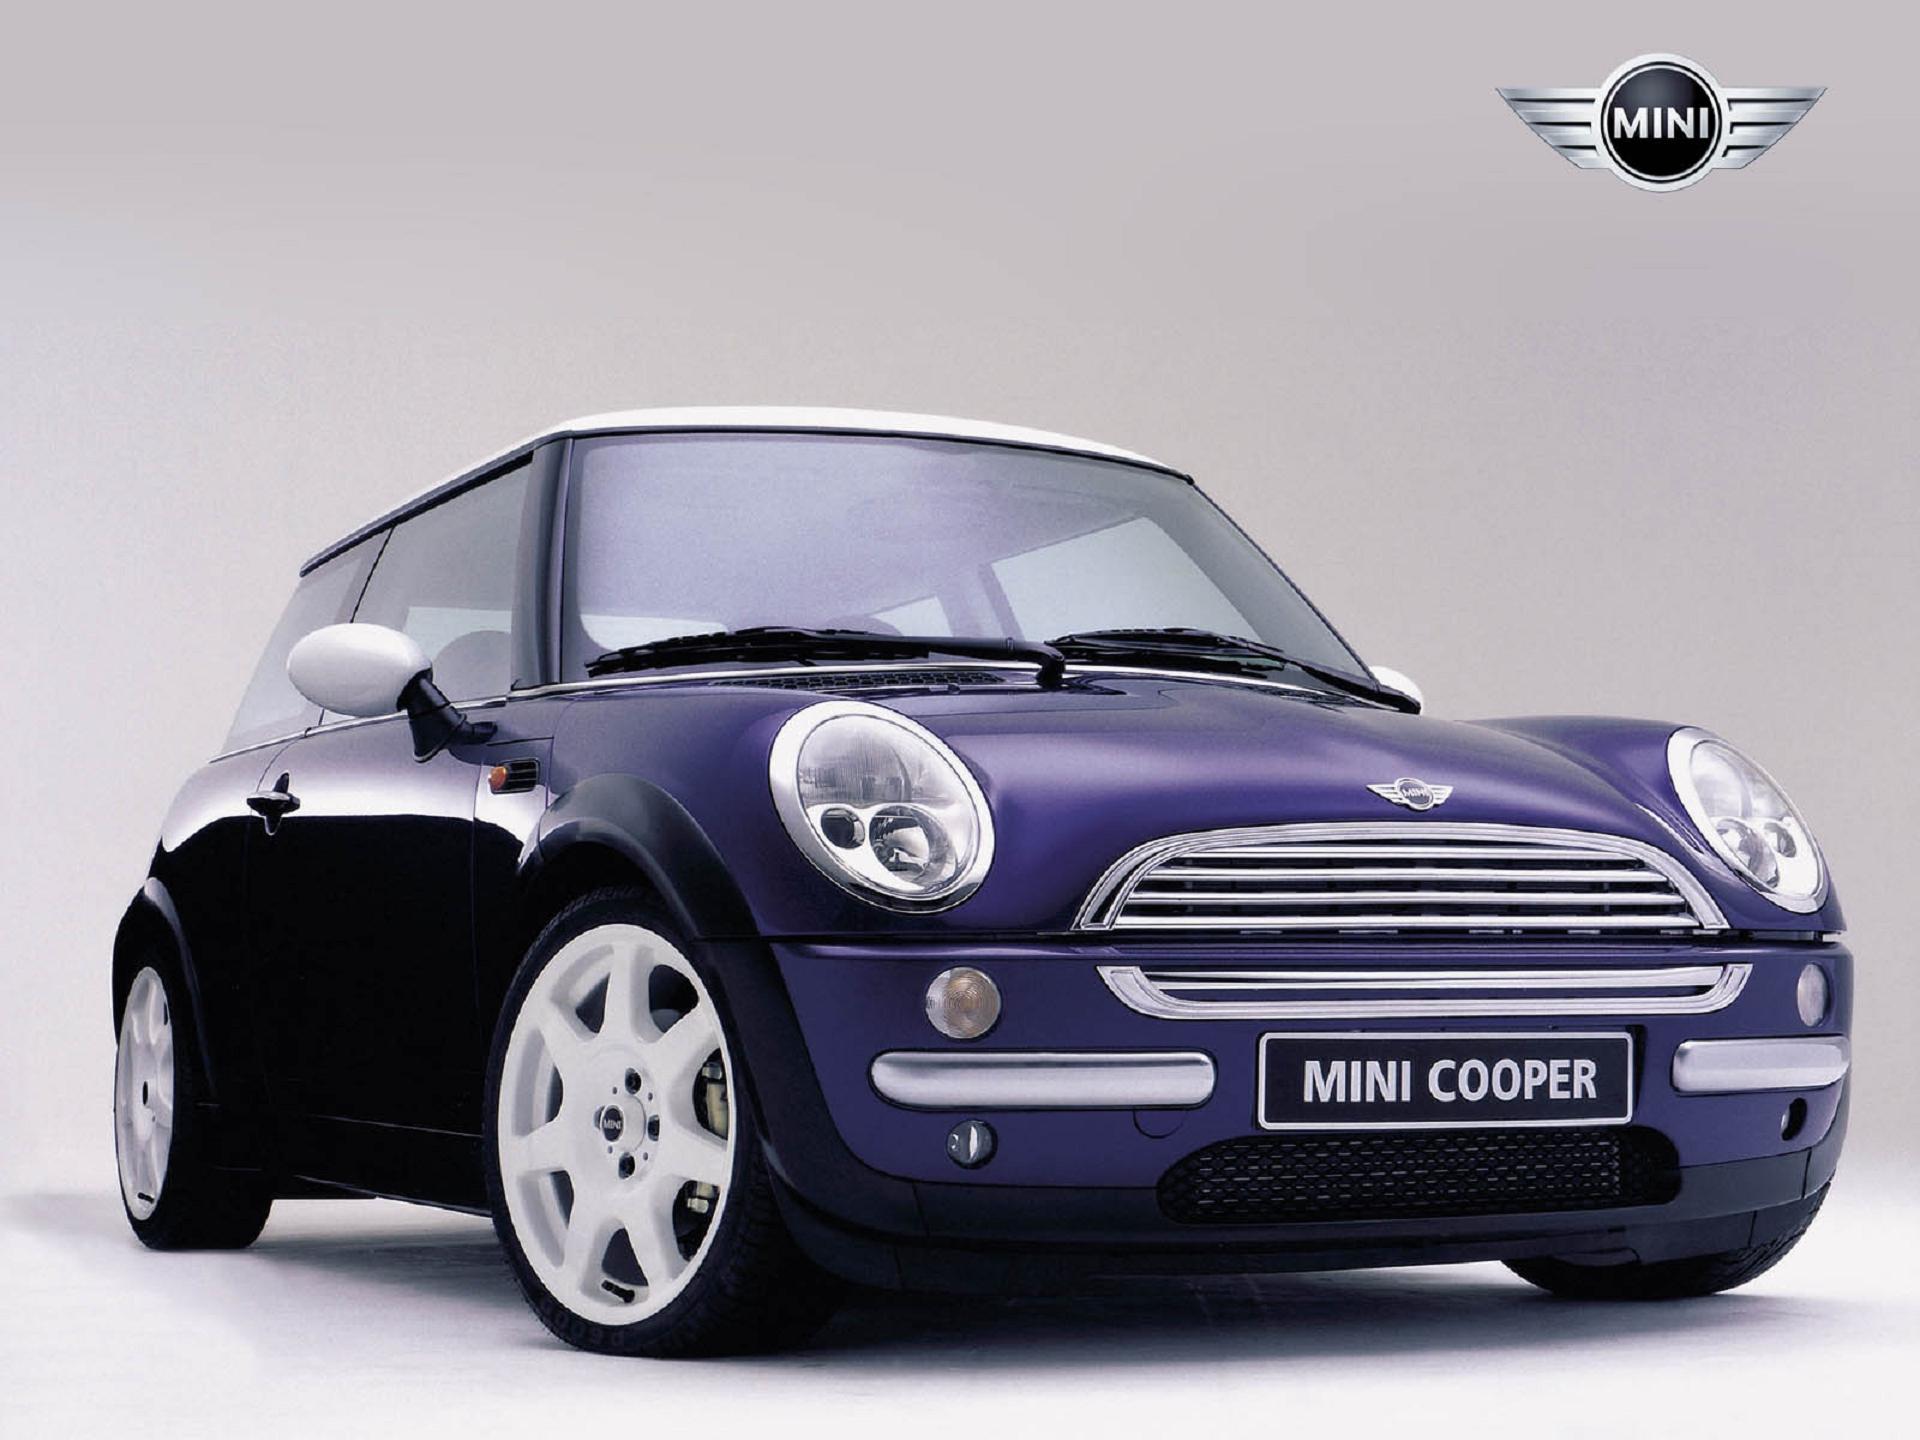 Mini Cooper Full Hd